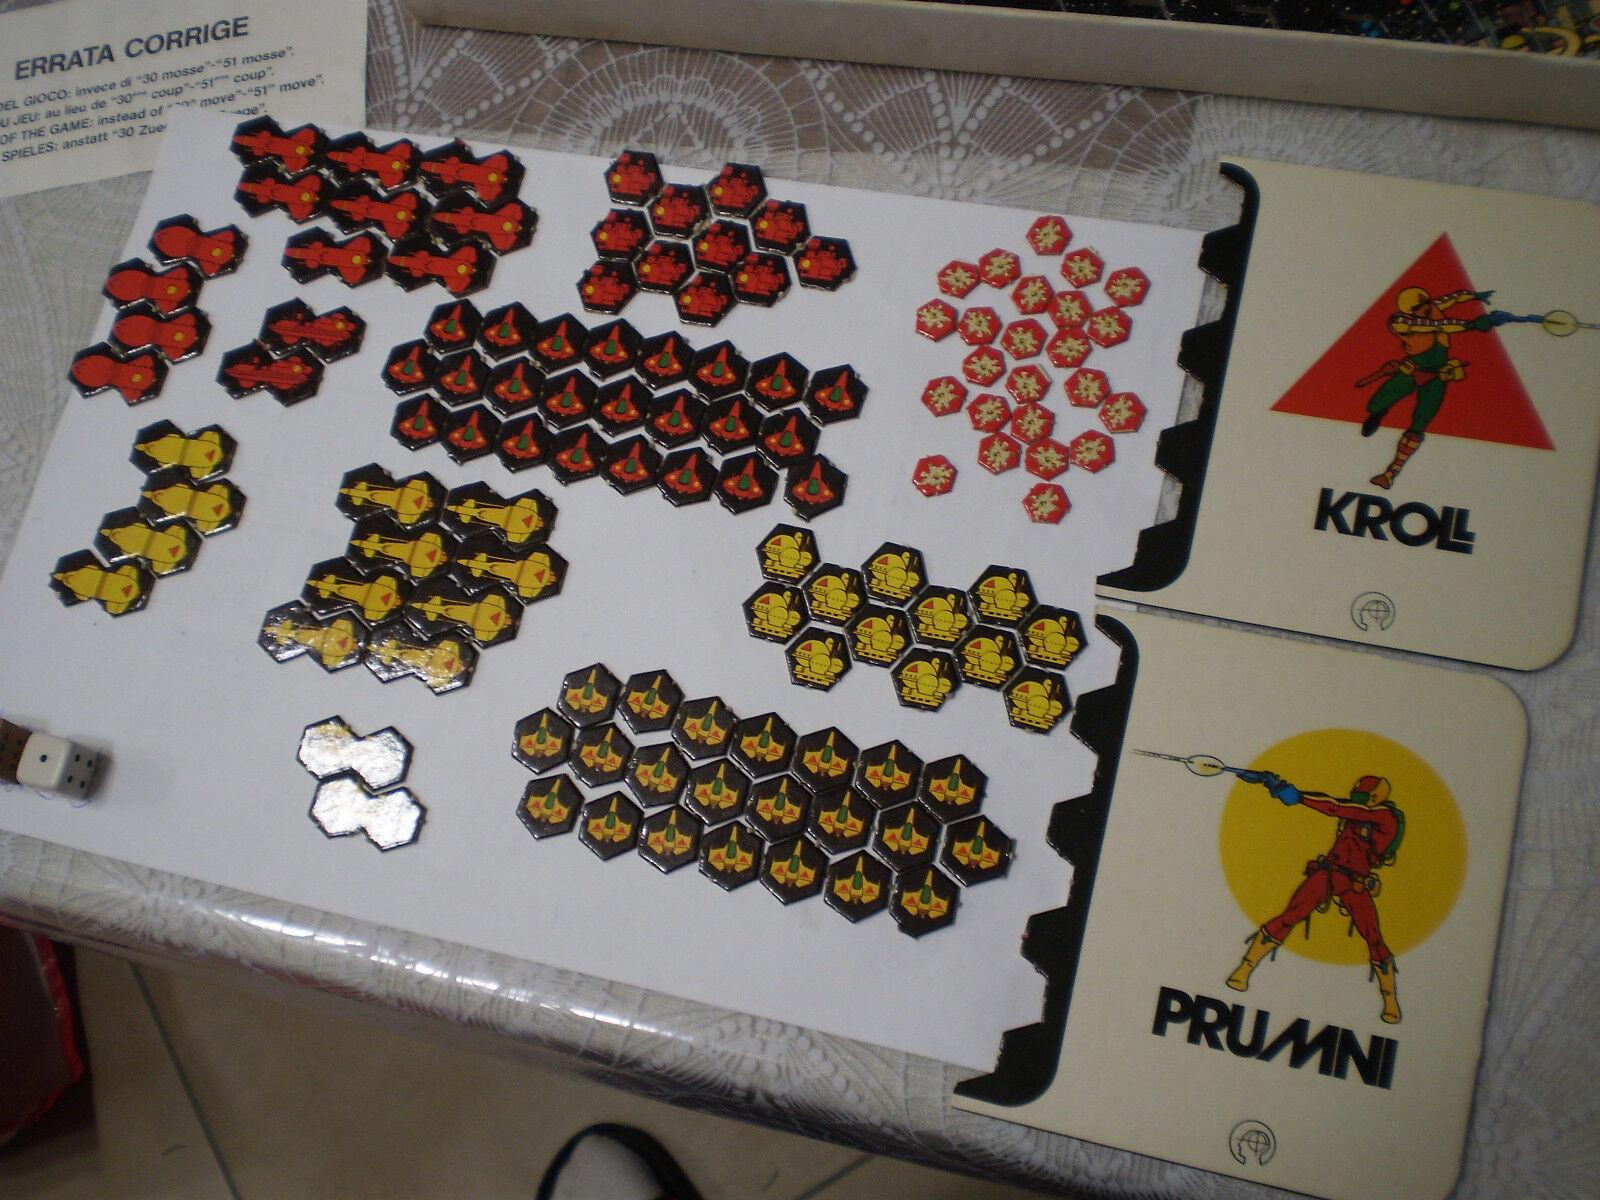 Kroll e e e Prumni - Simulation Games - gioco in scatola di società vintage e5646b